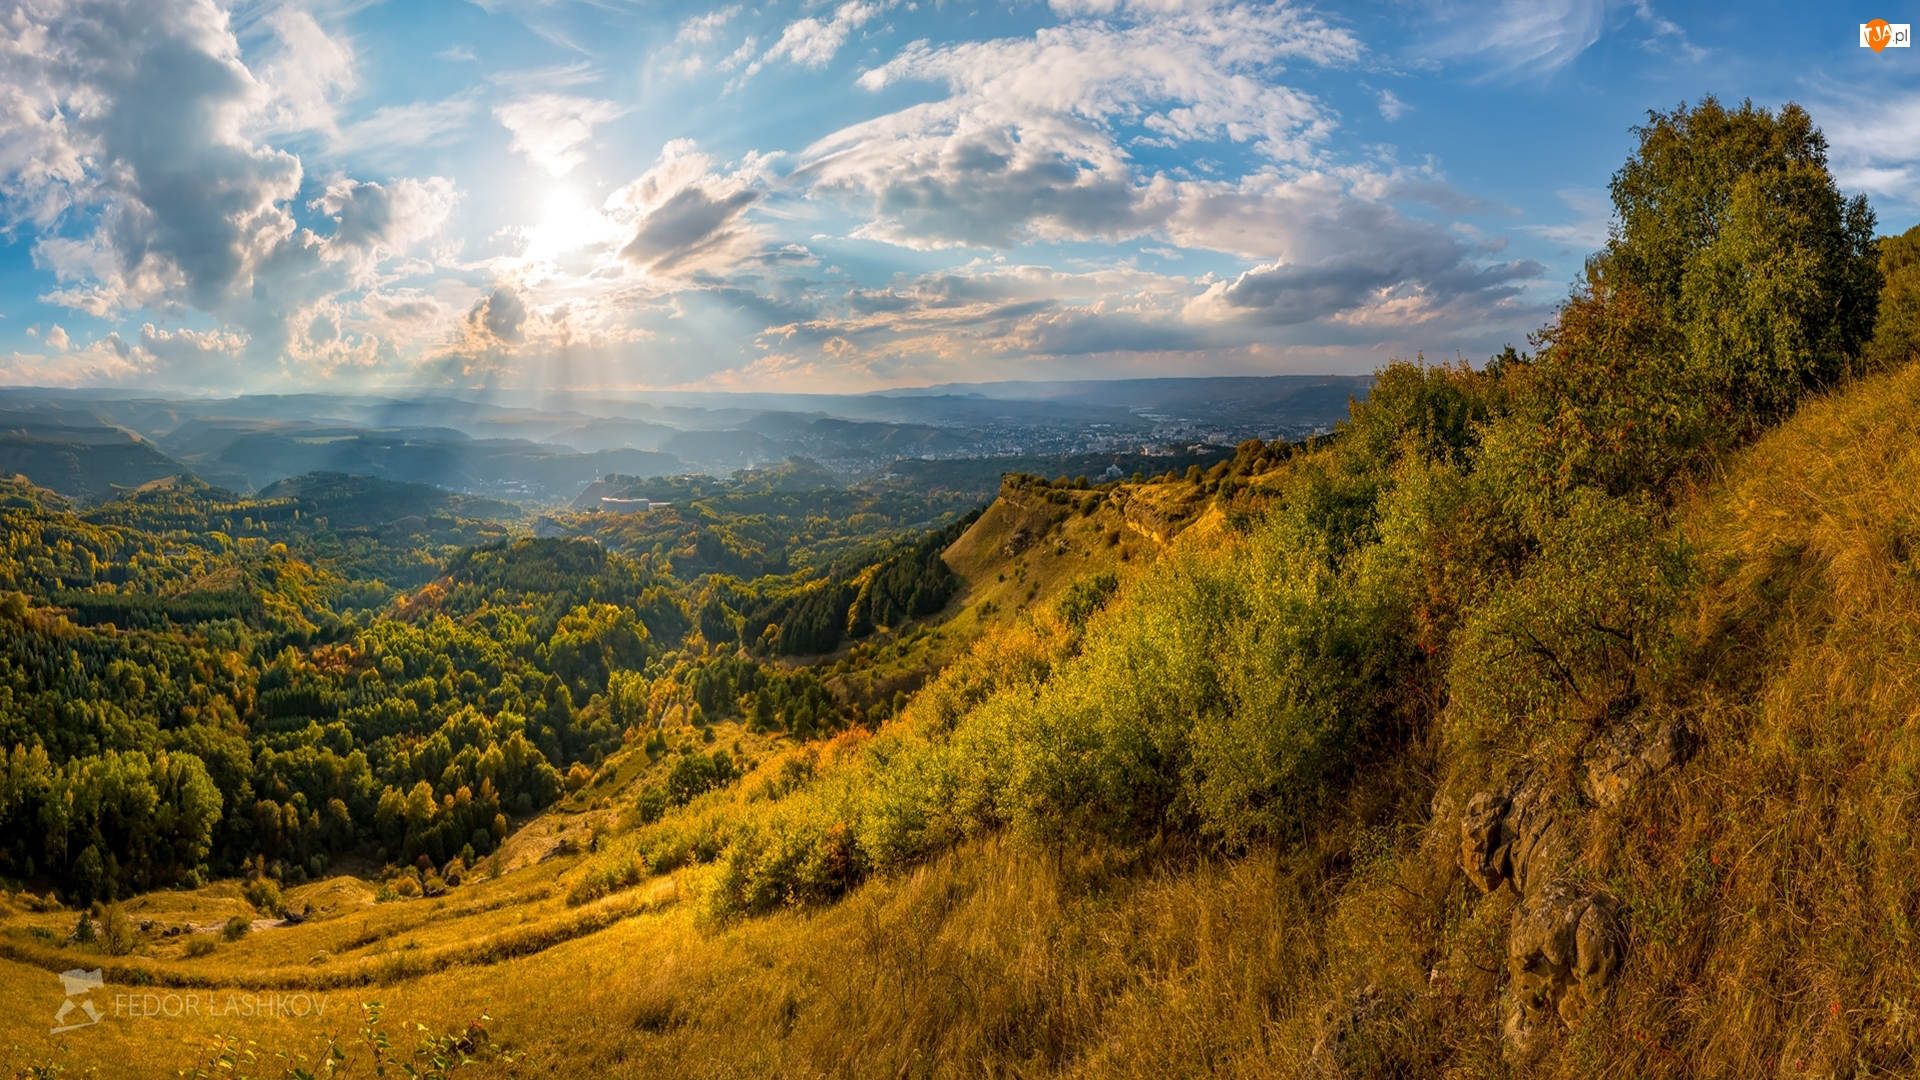 Las, Roślinność, Rosja, Wzgórza, Kisłowodzki Park Narodowy, Promienie słońca, Chmury